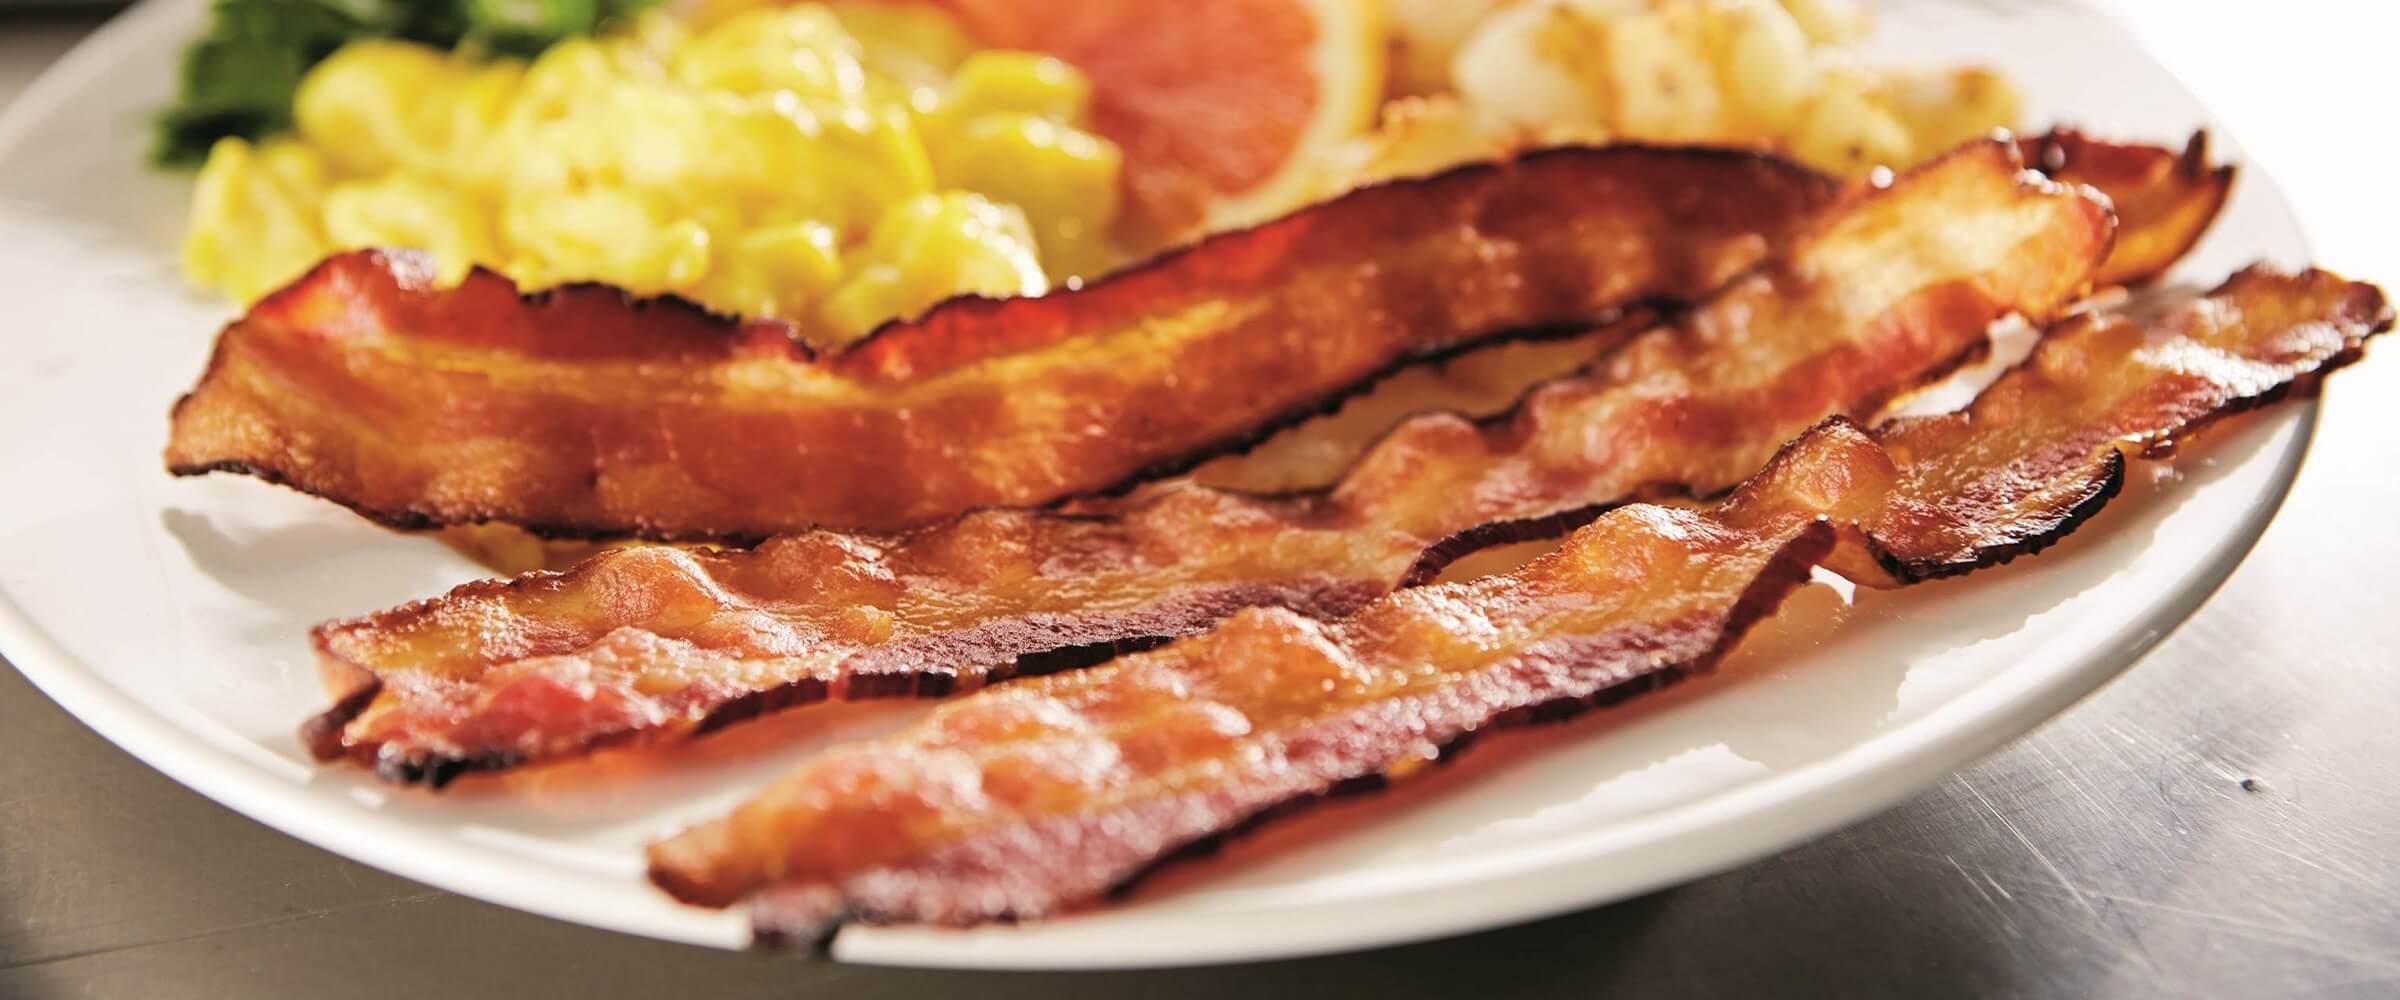 Bacon 1 Bacon